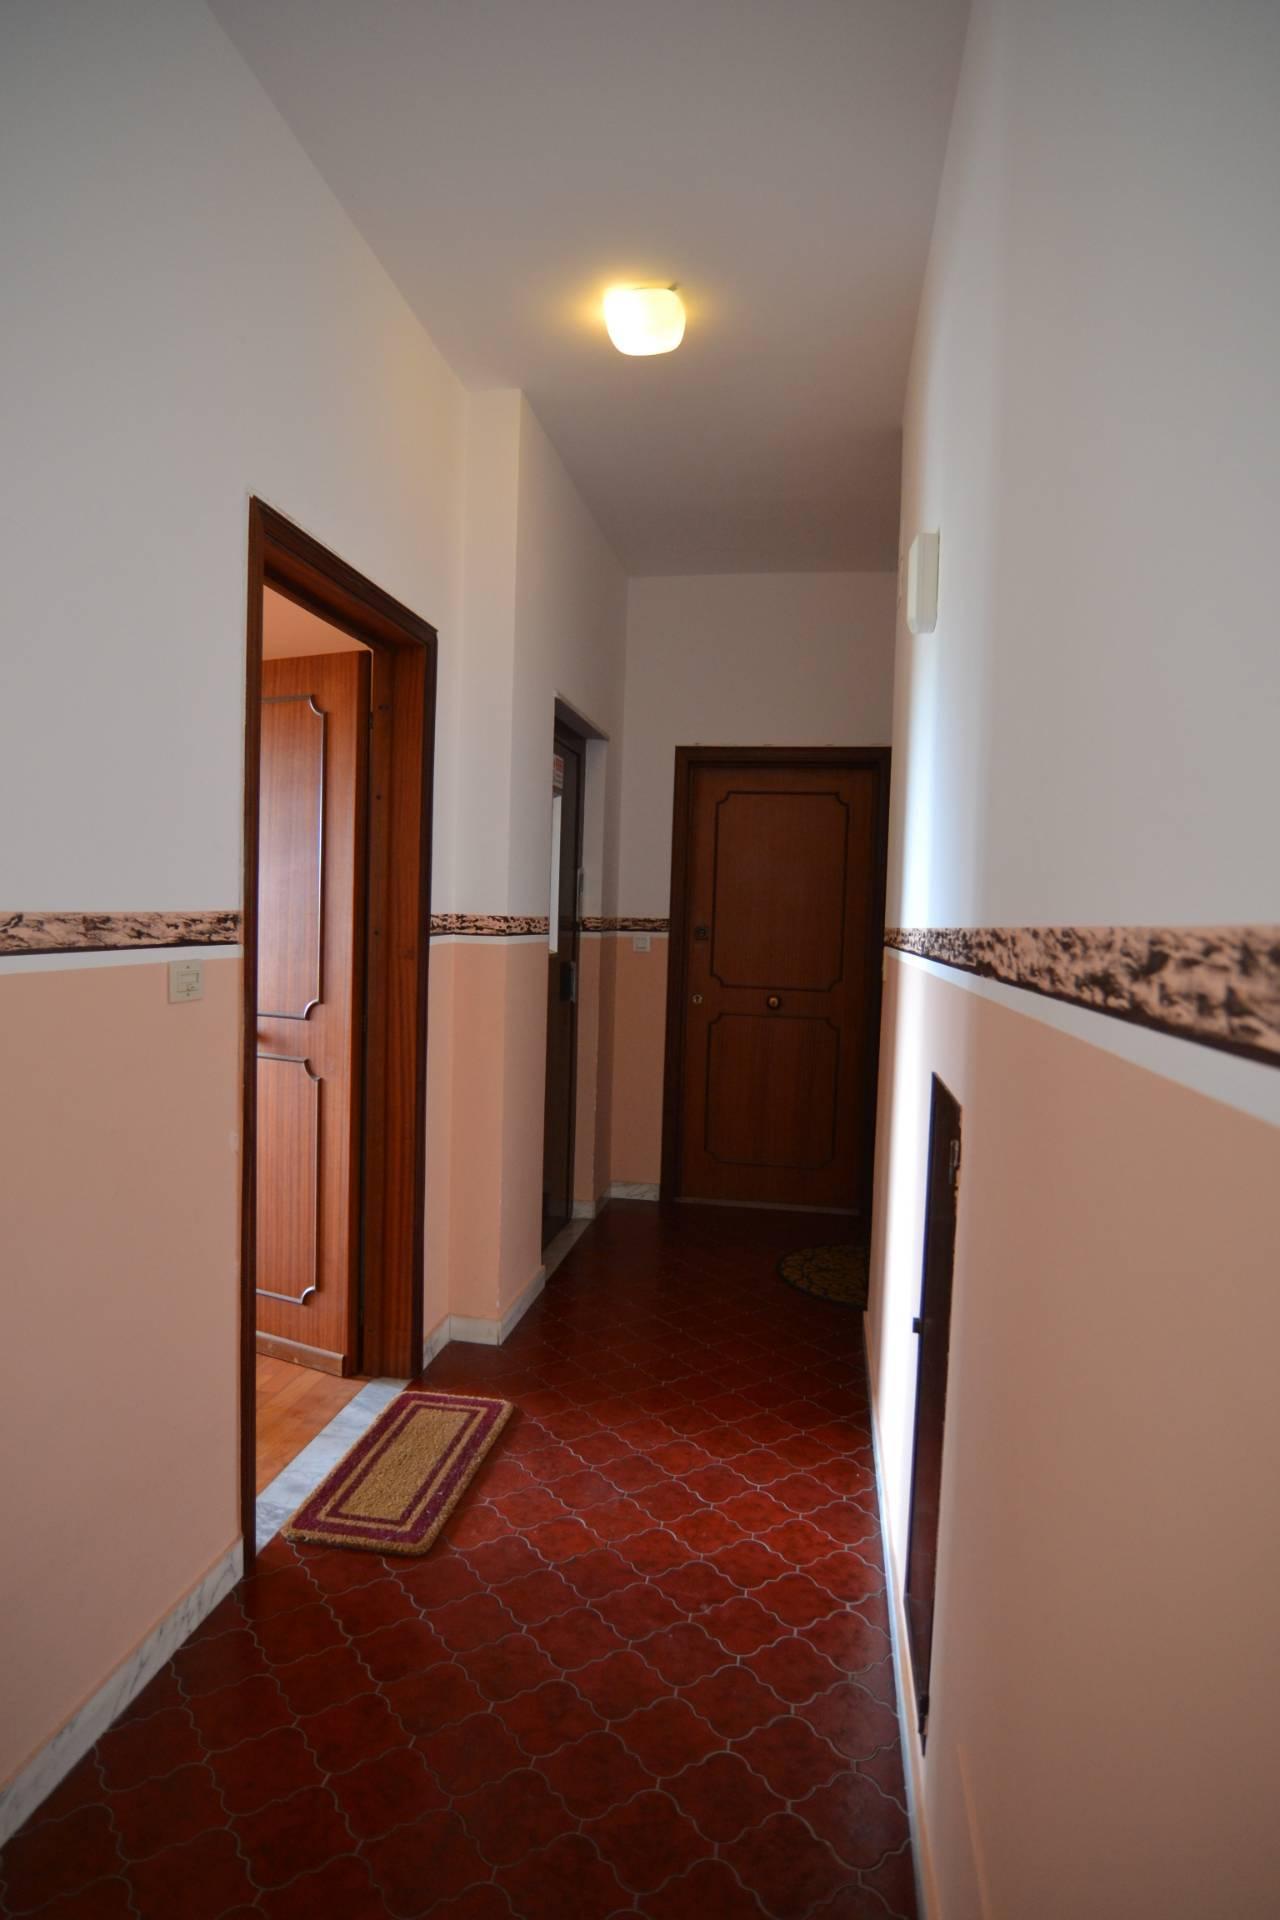 Appartamento in vendita a Pietra Ligure, 2 locali, prezzo € 148.000 | PortaleAgenzieImmobiliari.it